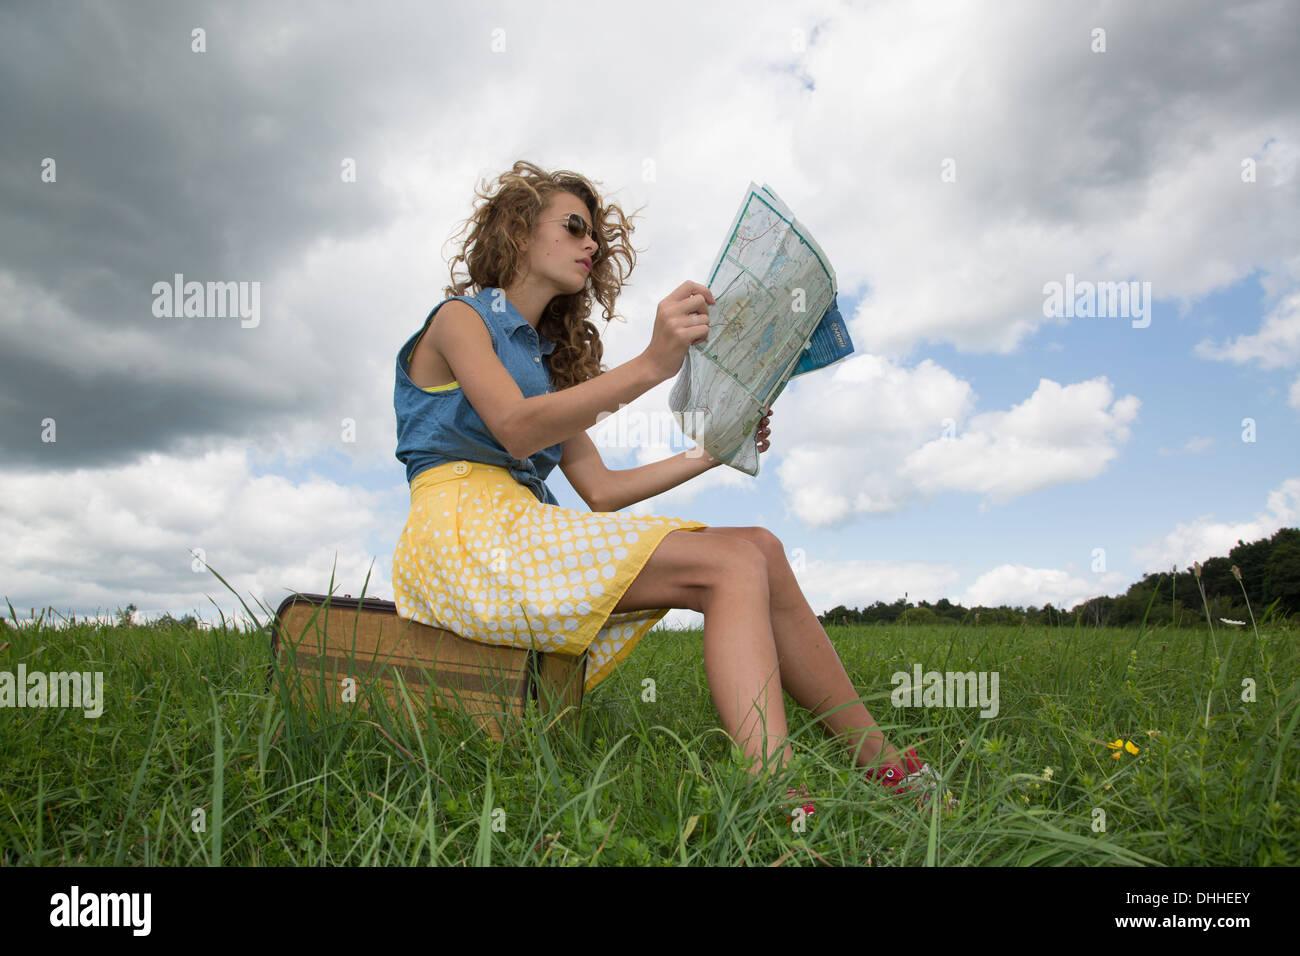 Teenage girl sitting on suitcase reading map - Stock Image